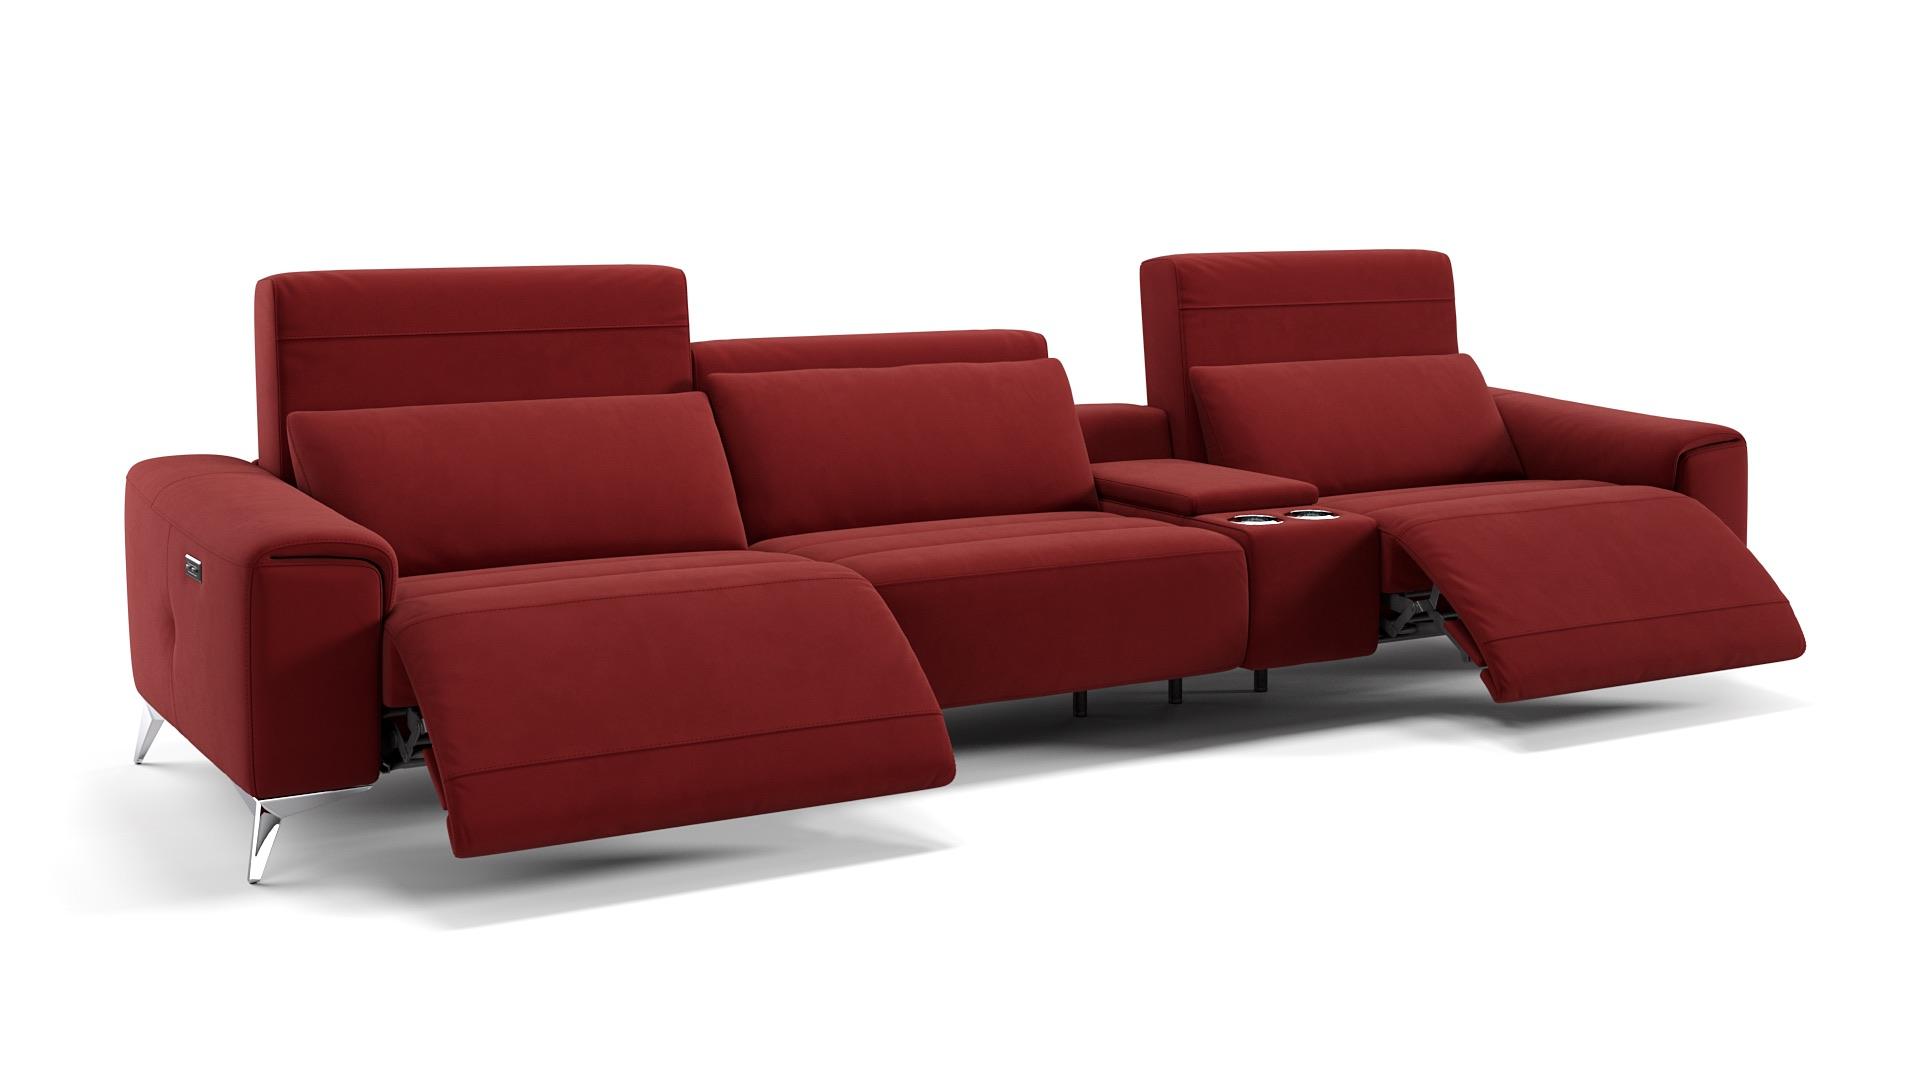 Stoff 3-Sitzer Kinosofa BELLA